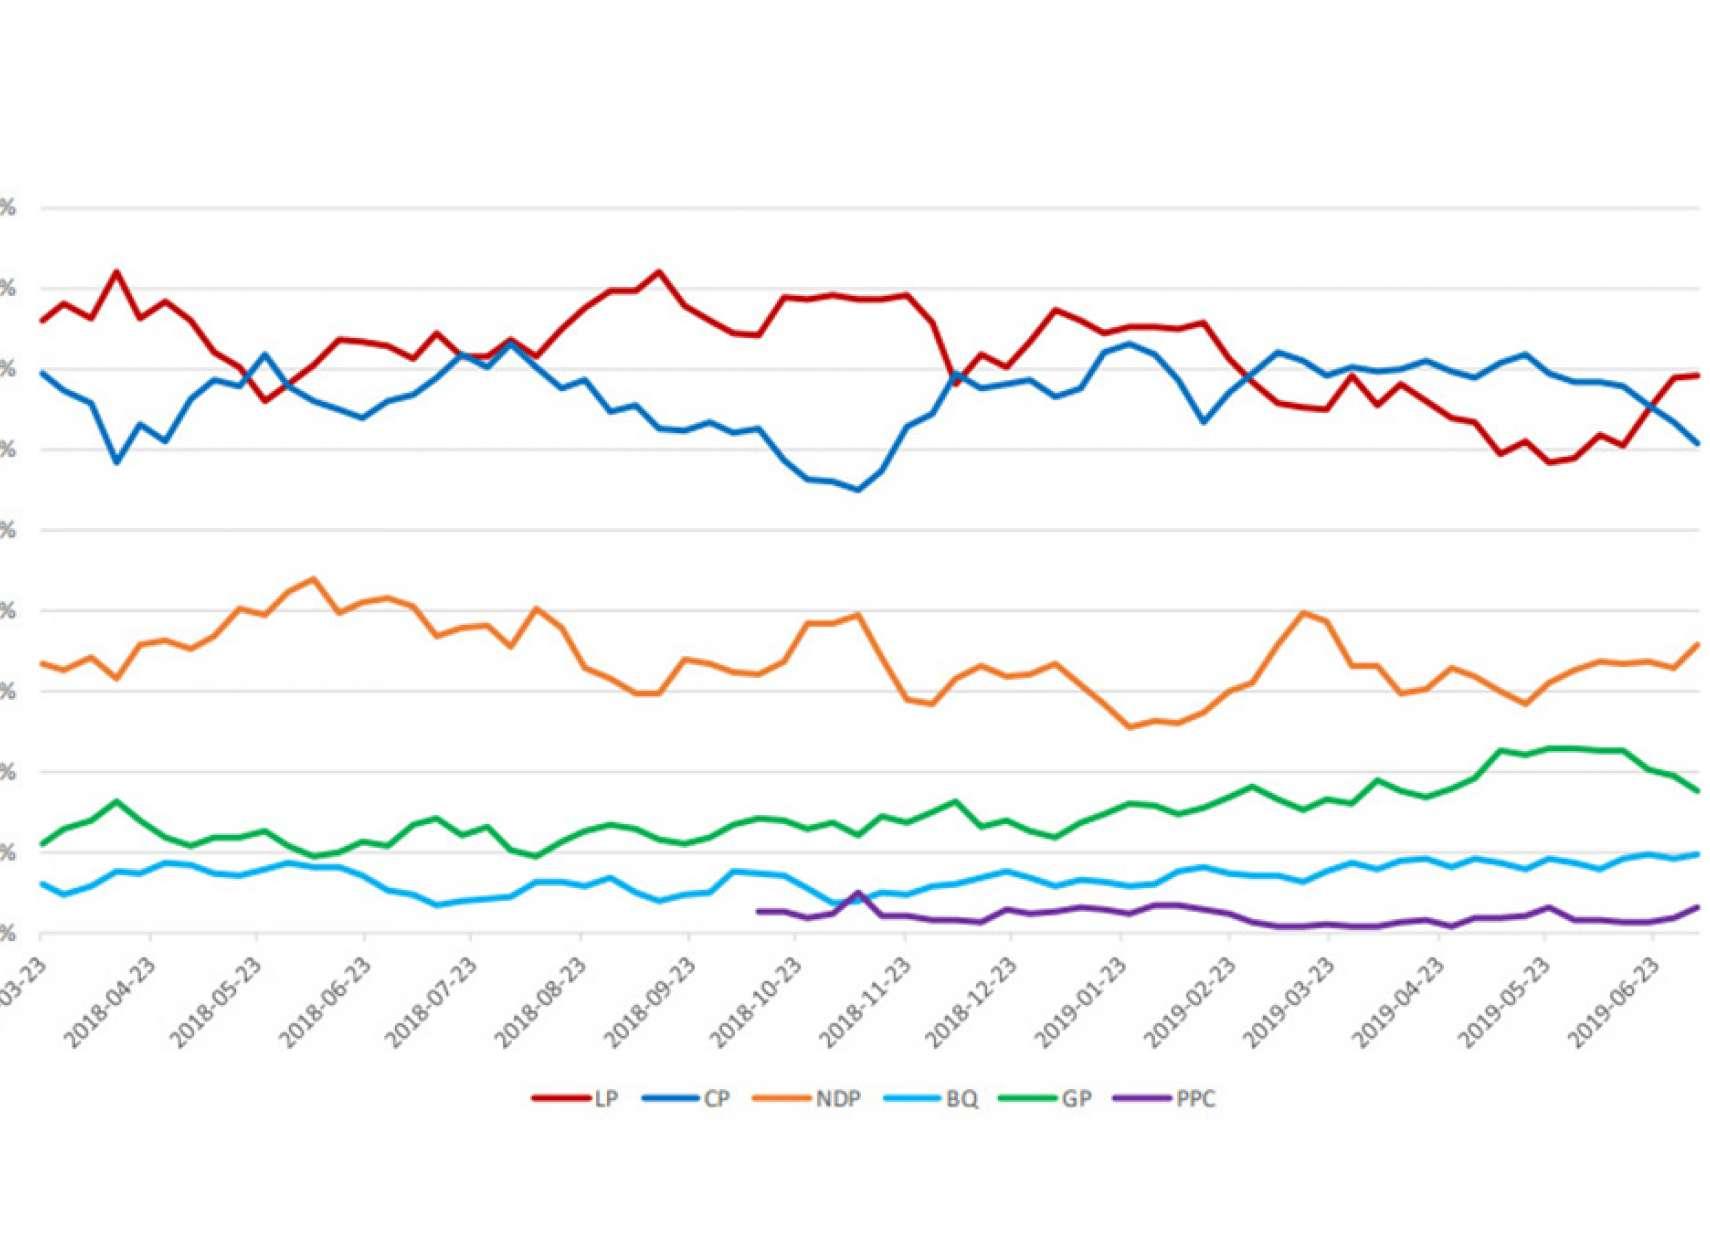 اخبار-کانادا-محبوبیت-ترودو-بالا-رفت